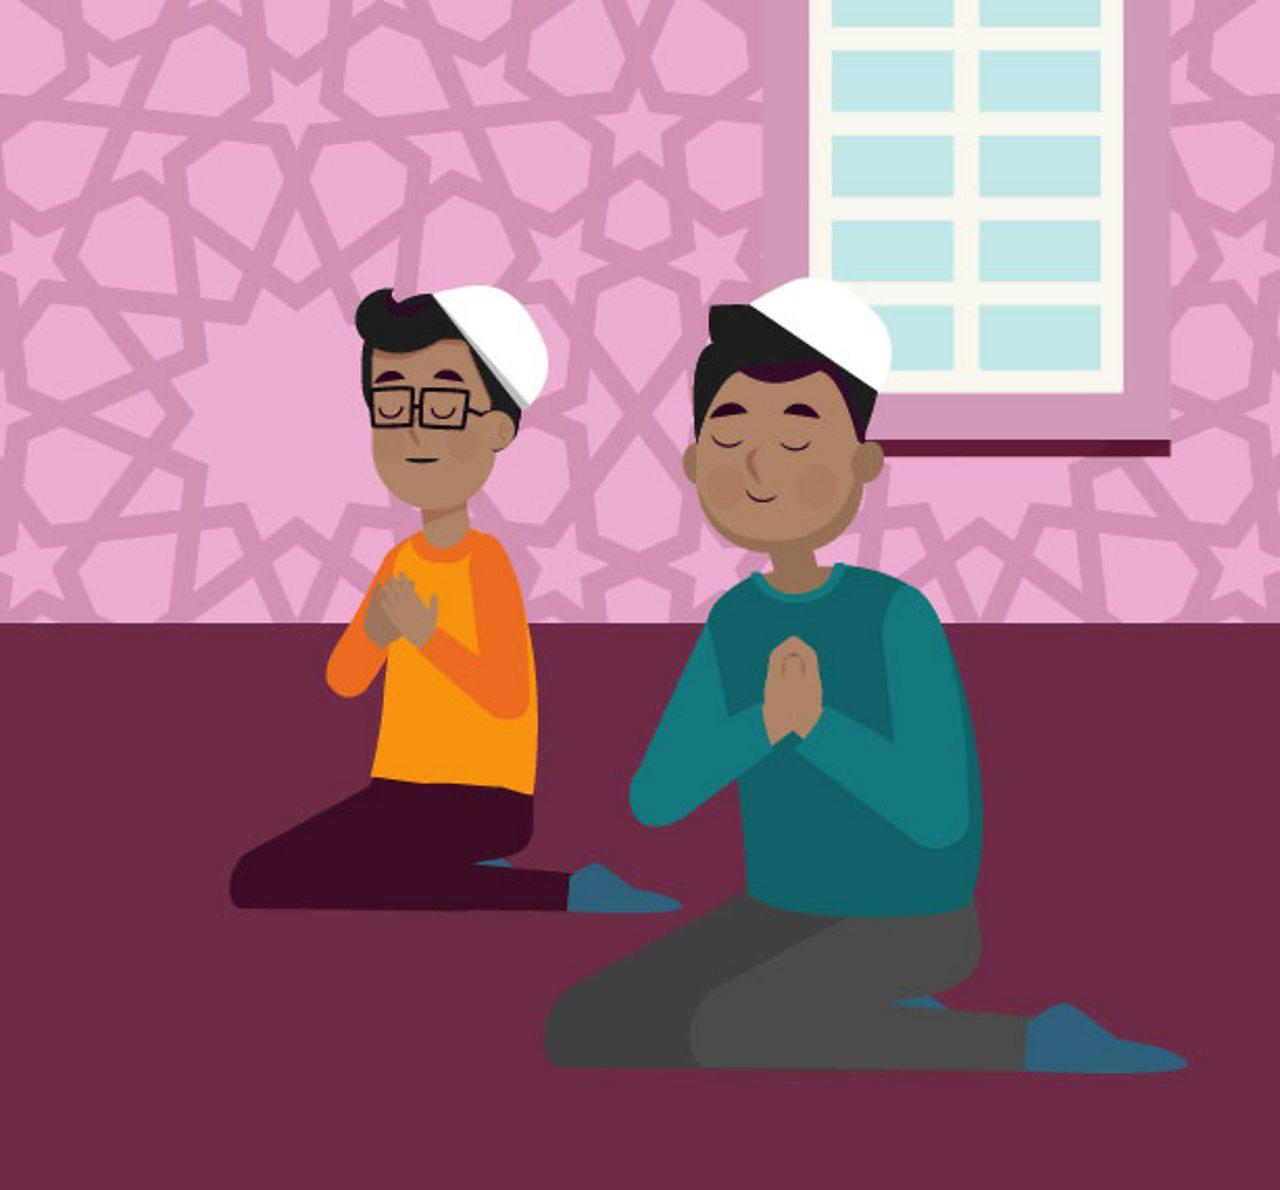 Boys praying